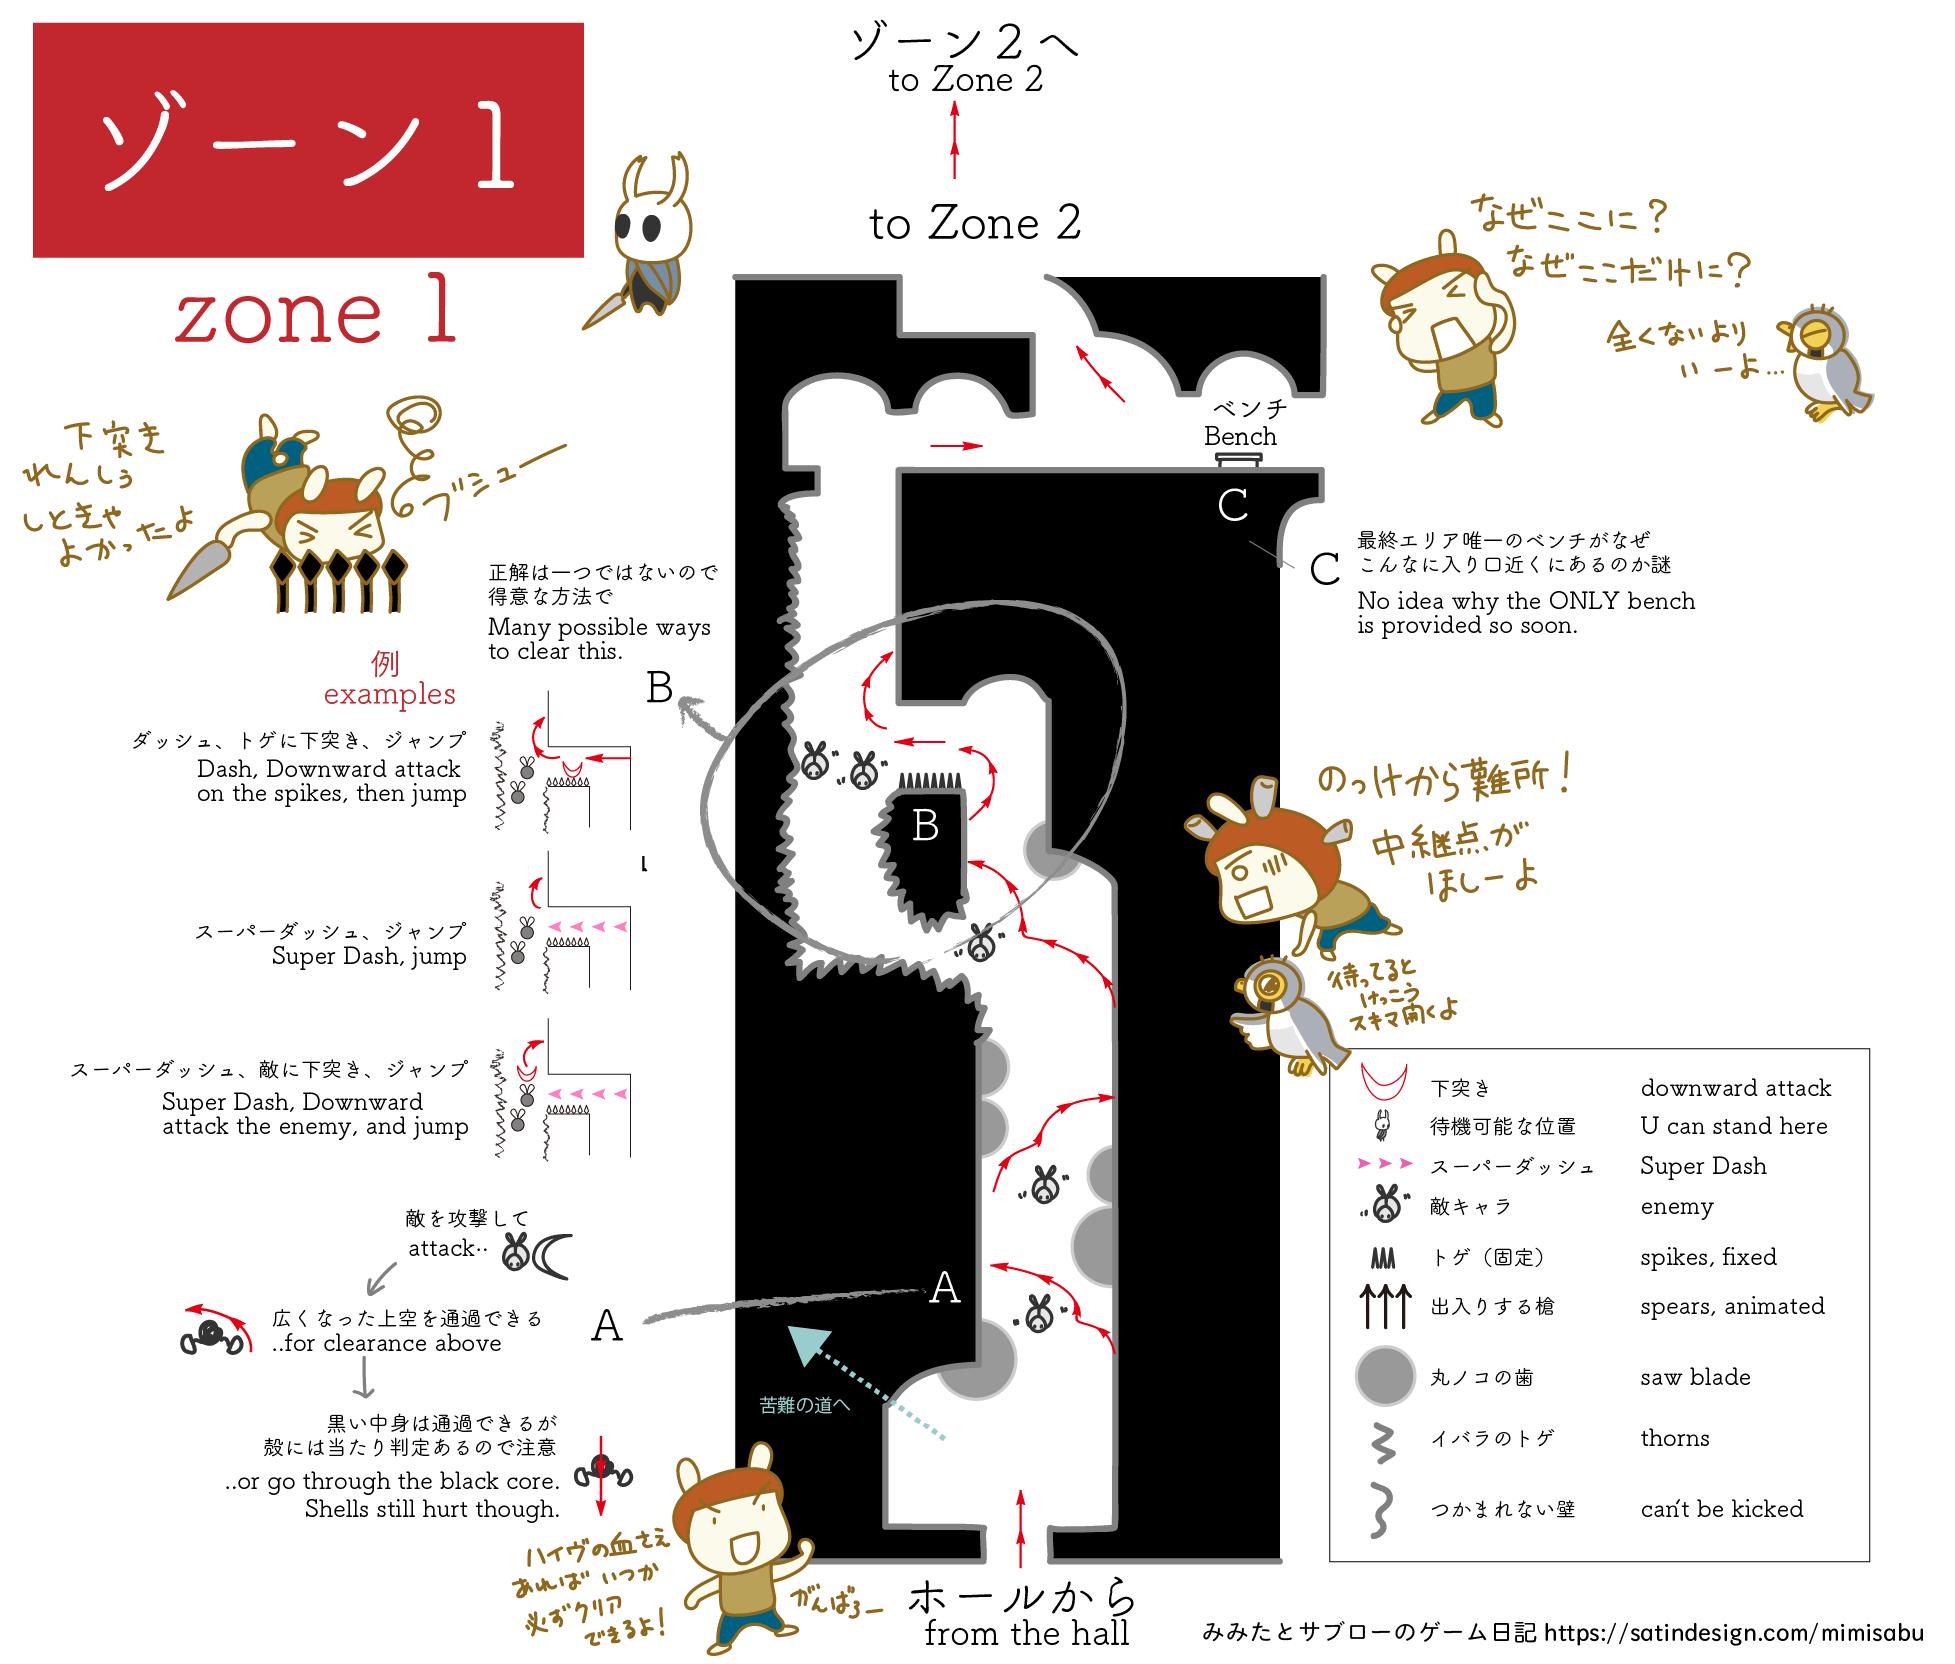 白い宮殿最終エリア・ゾーン1